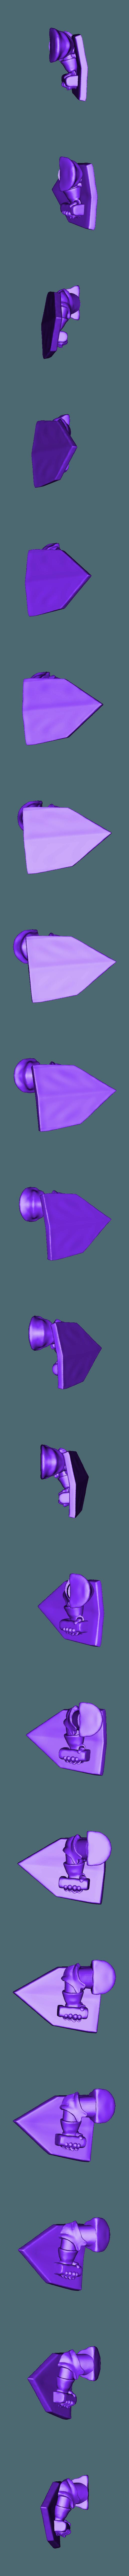 left_arm_v1.stl Download free STL file Dwarf Knight Goat Cavalry Miniatures • 3D print object, Ilhadiel